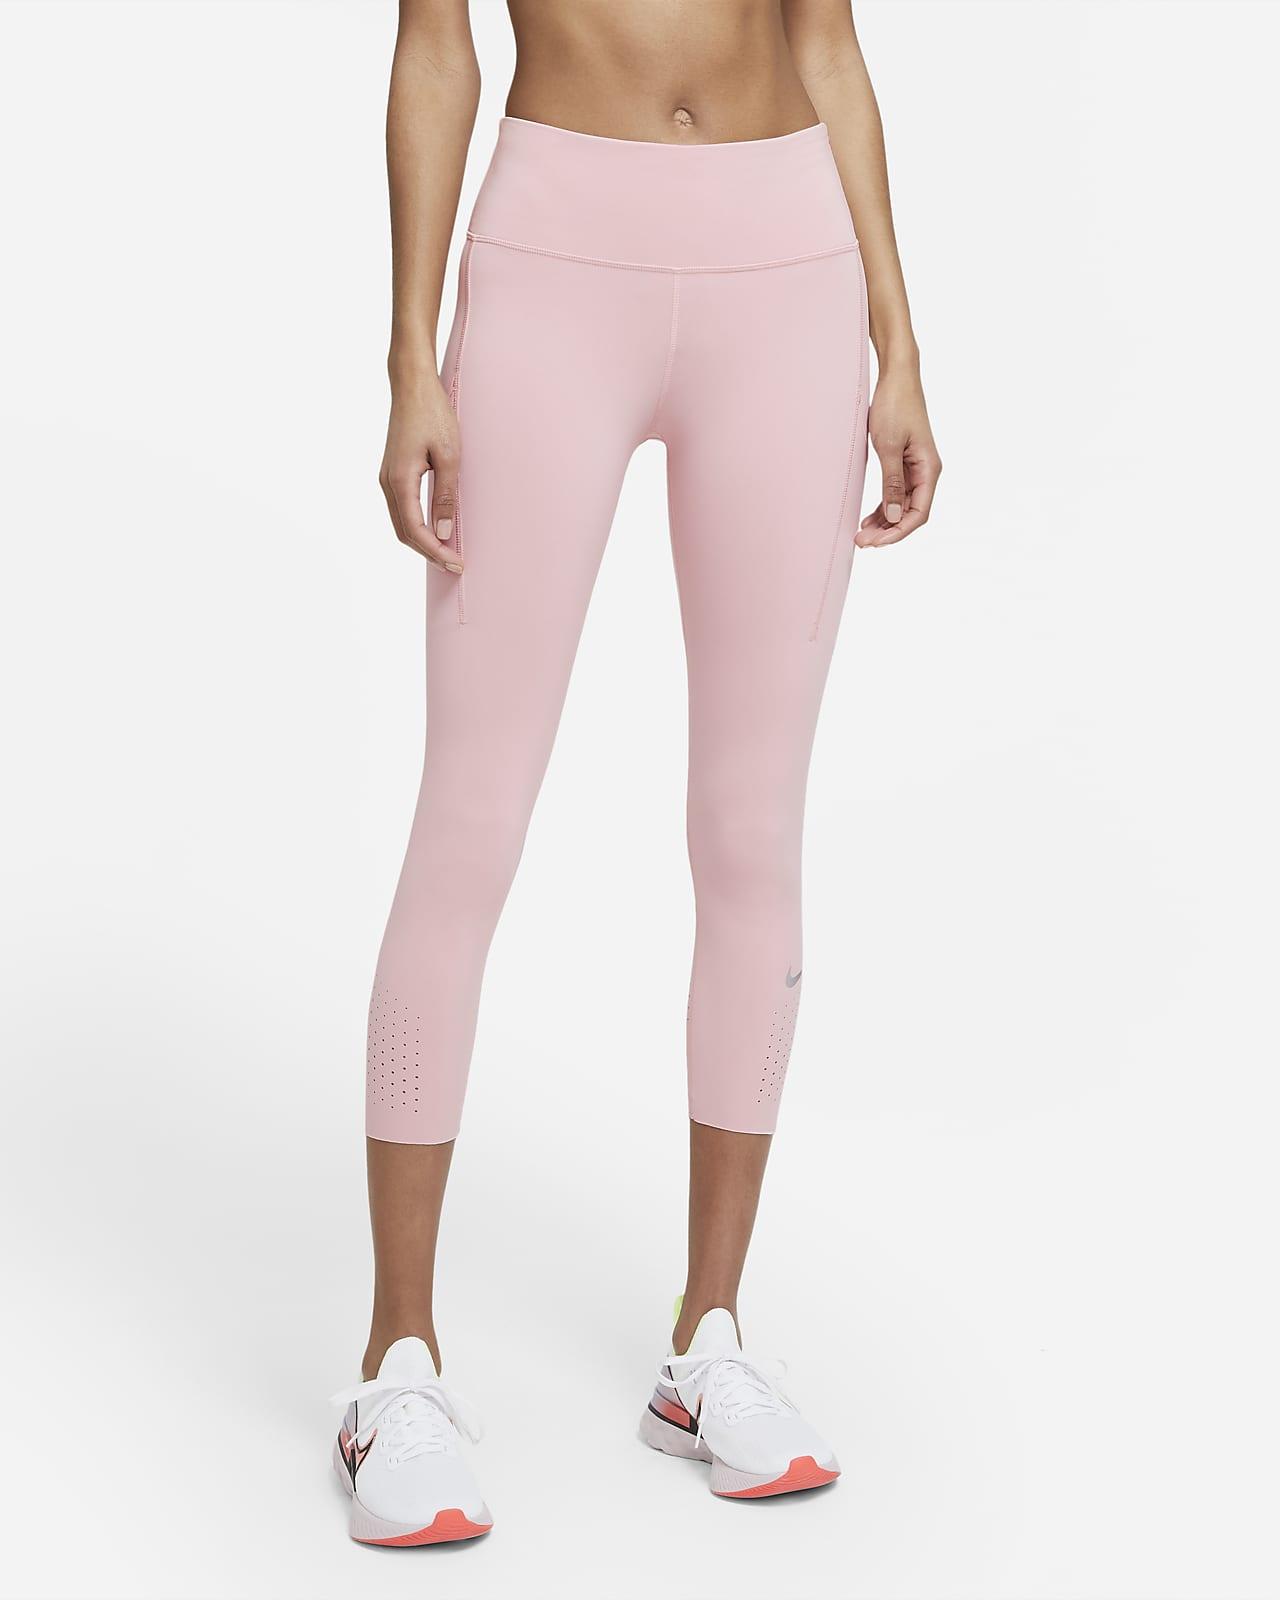 Corsaire de running taille mi-basse avec poche Nike Epic Luxe pour Femme